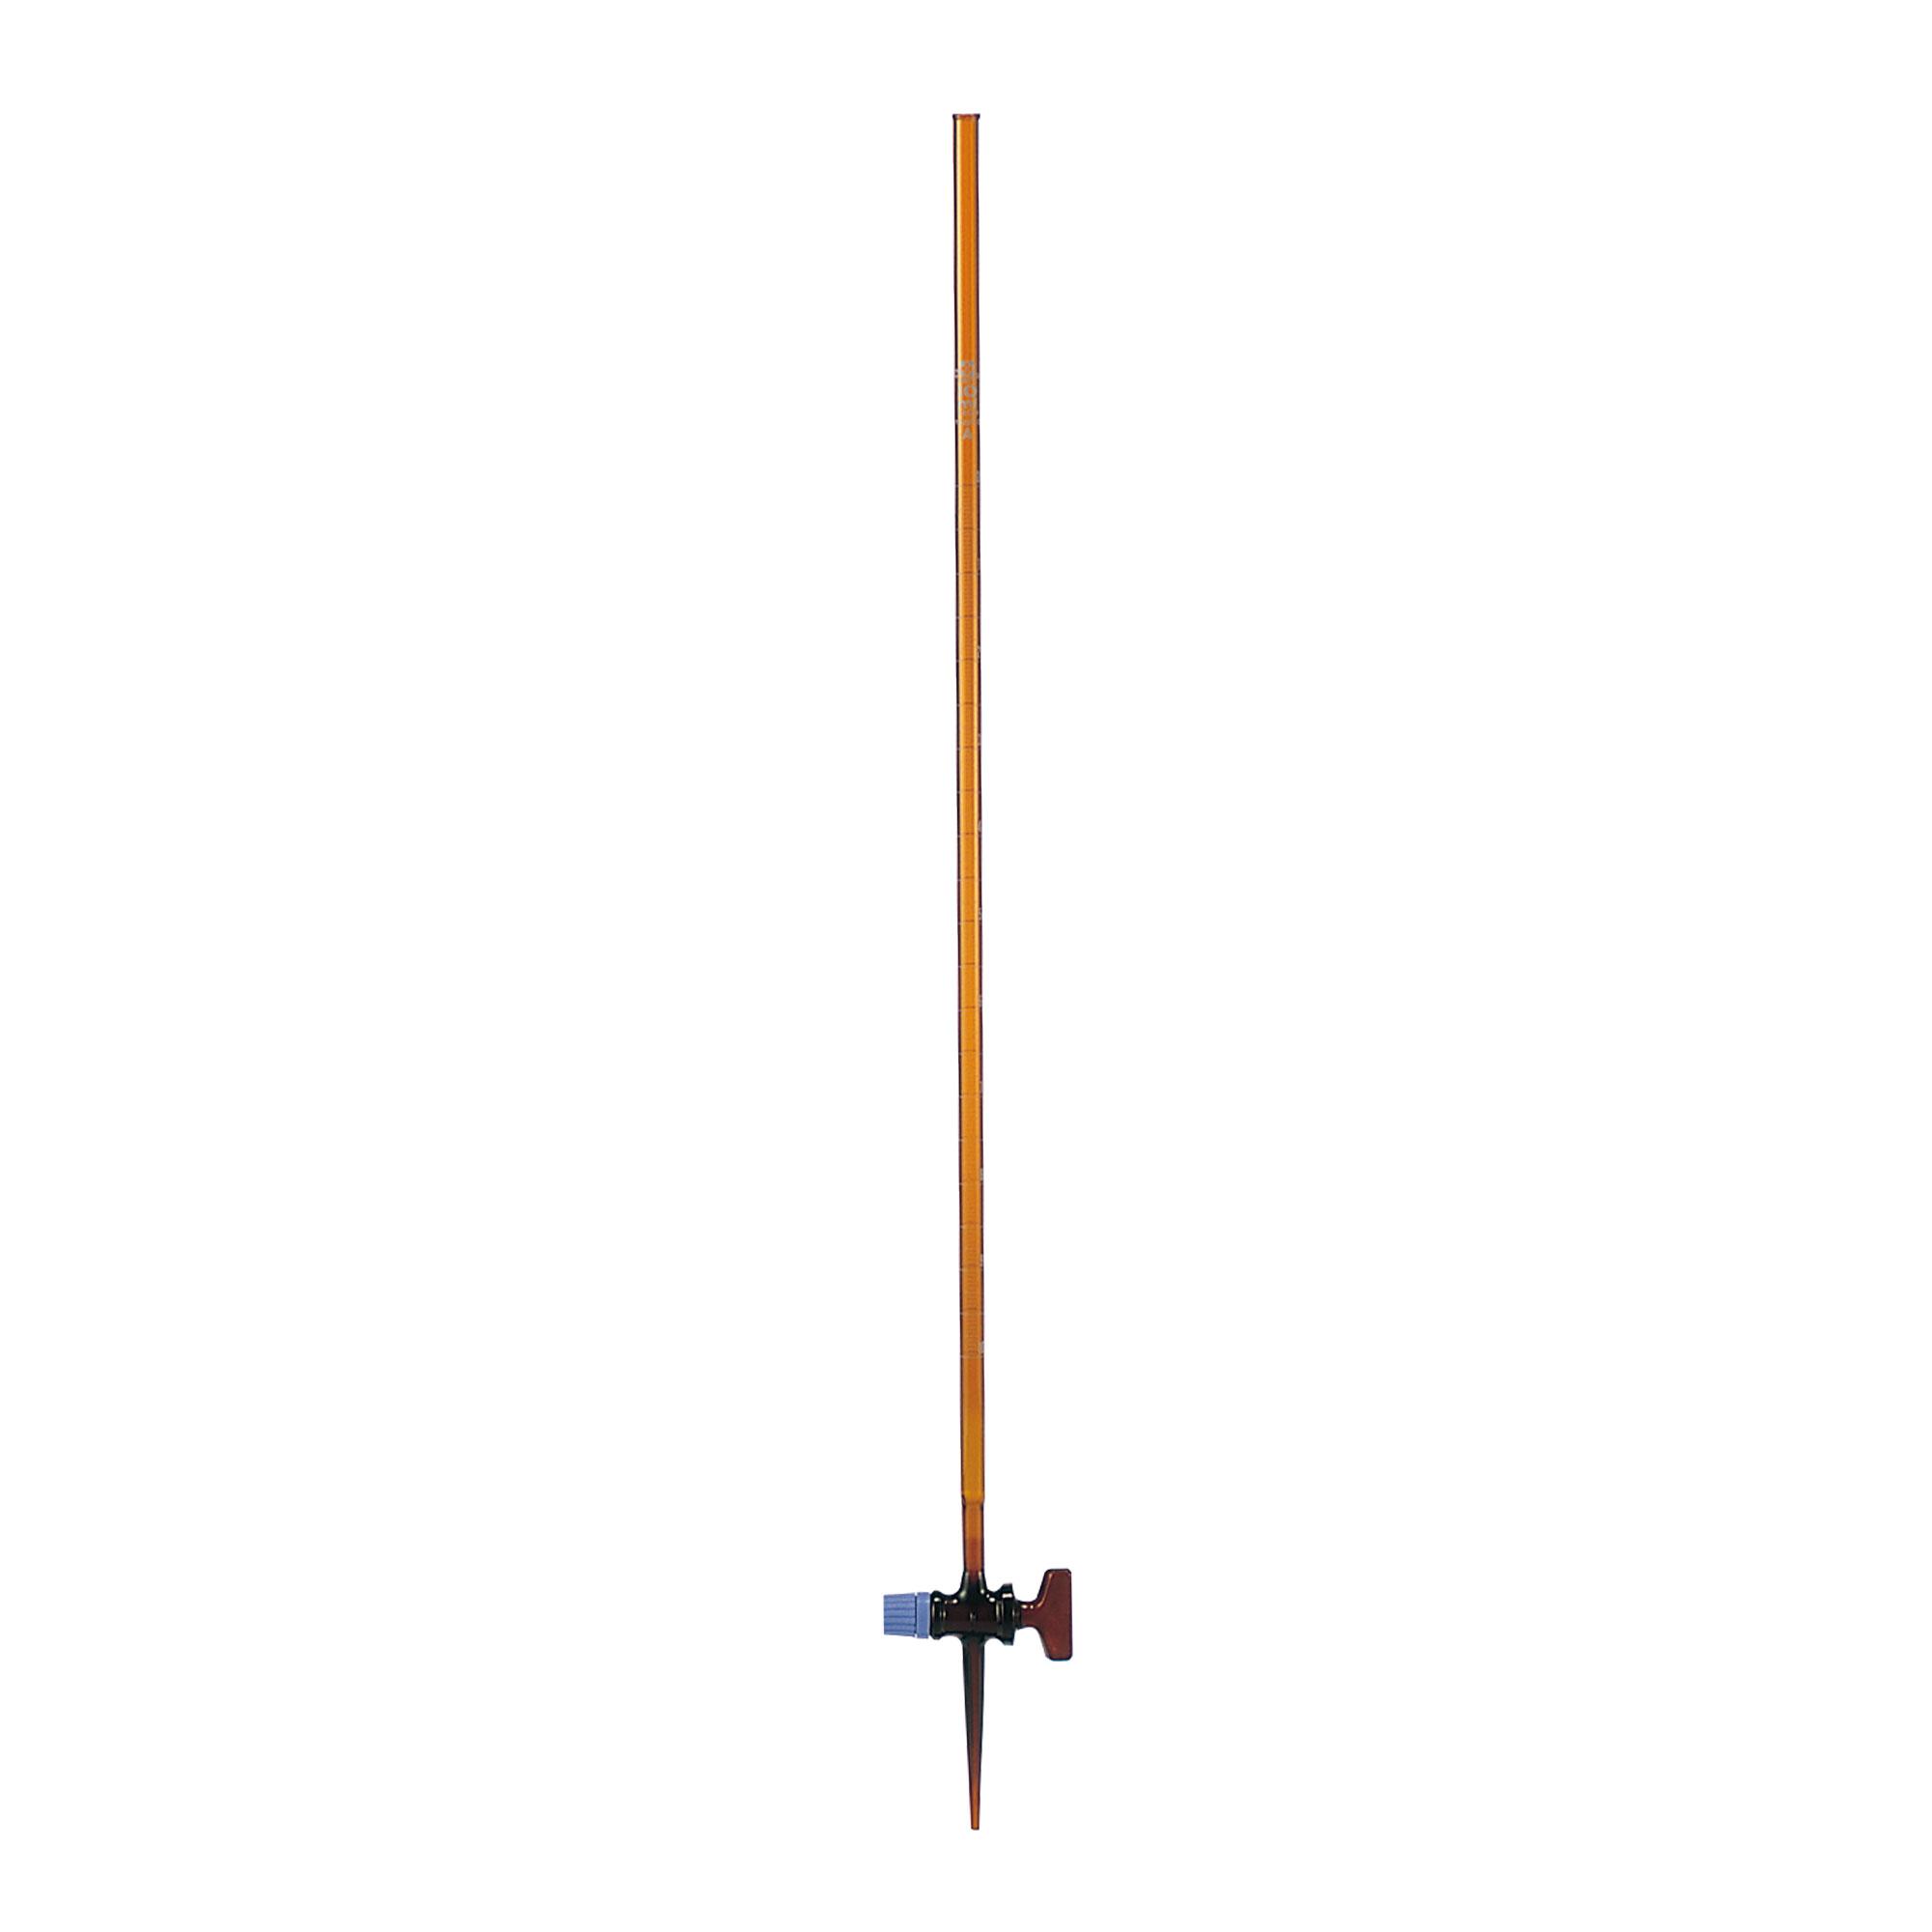 ビュレット スーパーグレード ガラスコック付 褐色 10mL